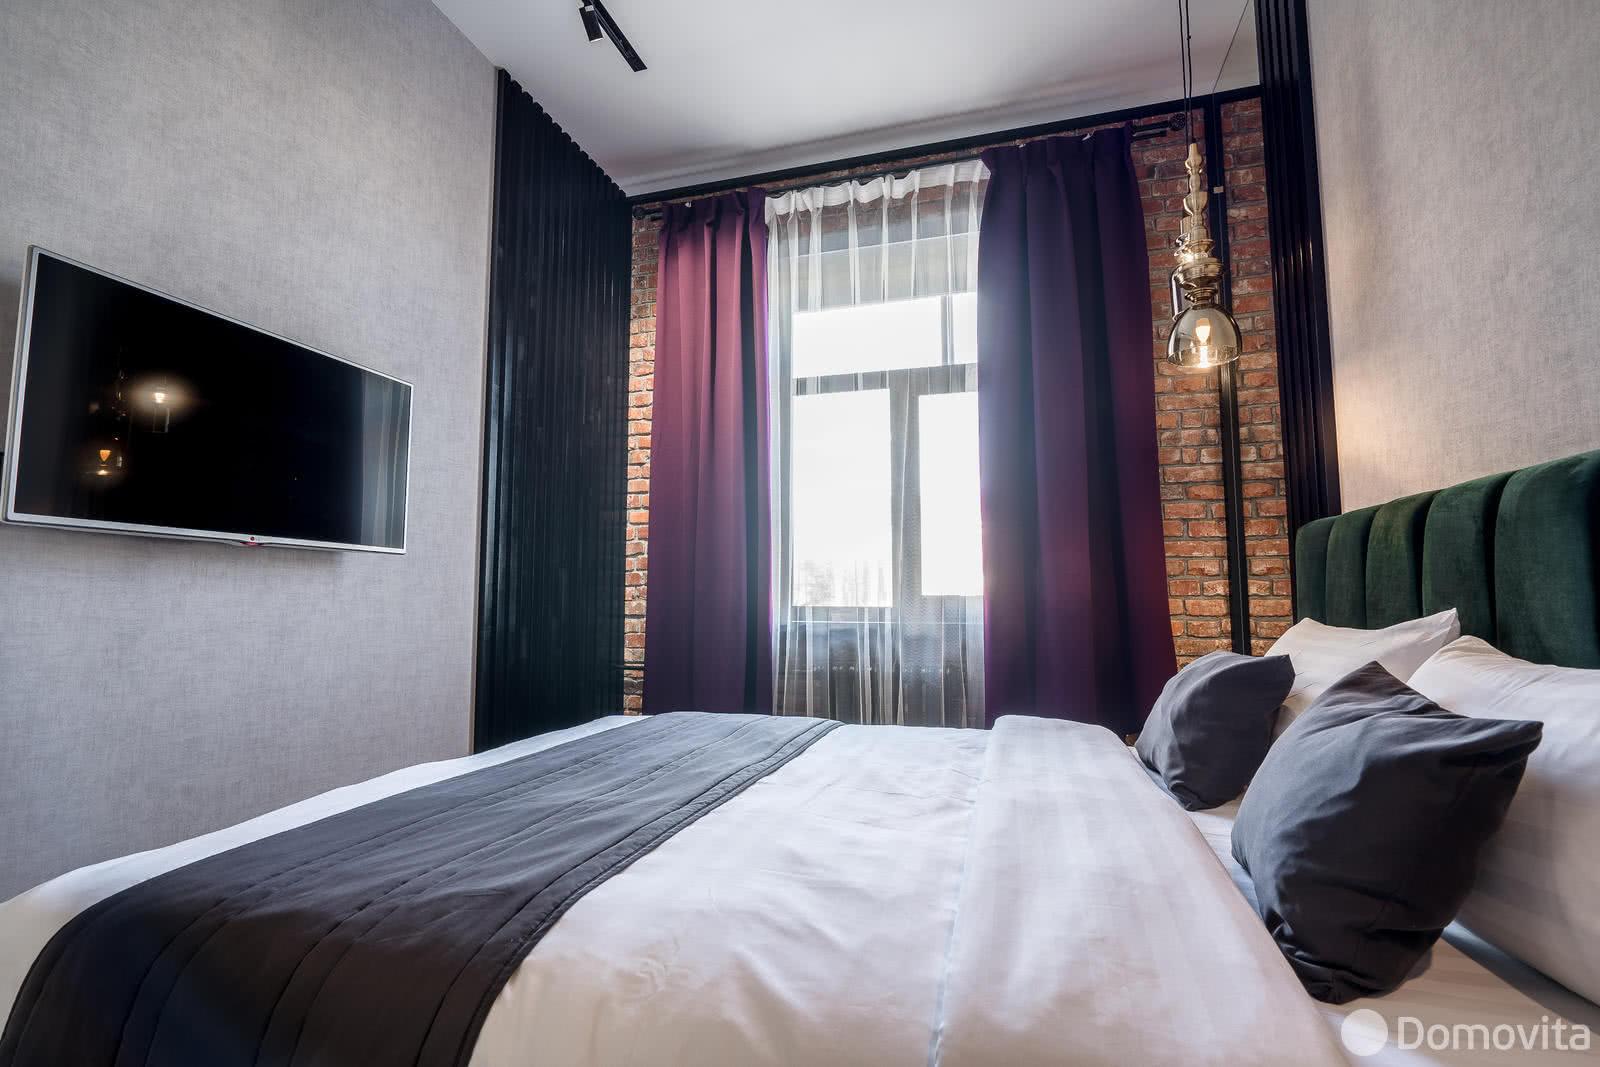 Аренда 3-комнатной квартиры на сутки в Минске ул. Свердлова, д. 24 - фото 4